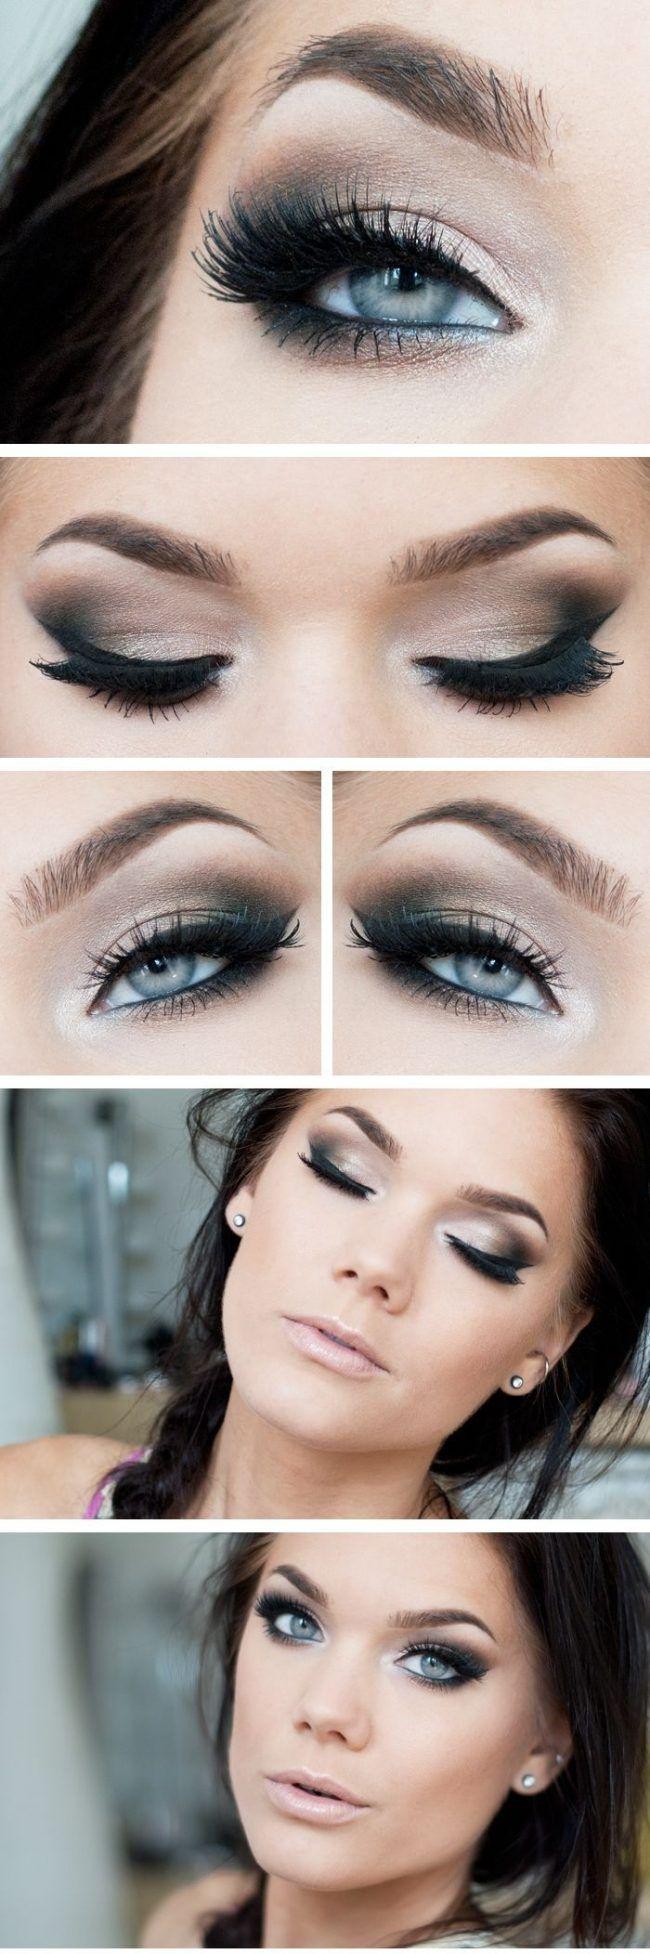 Smokey Eyes Blaue Augen Abend Makeup Braune Lidschatten Lidstrich Brauner Lidschatten Lidstrich Lidschatten